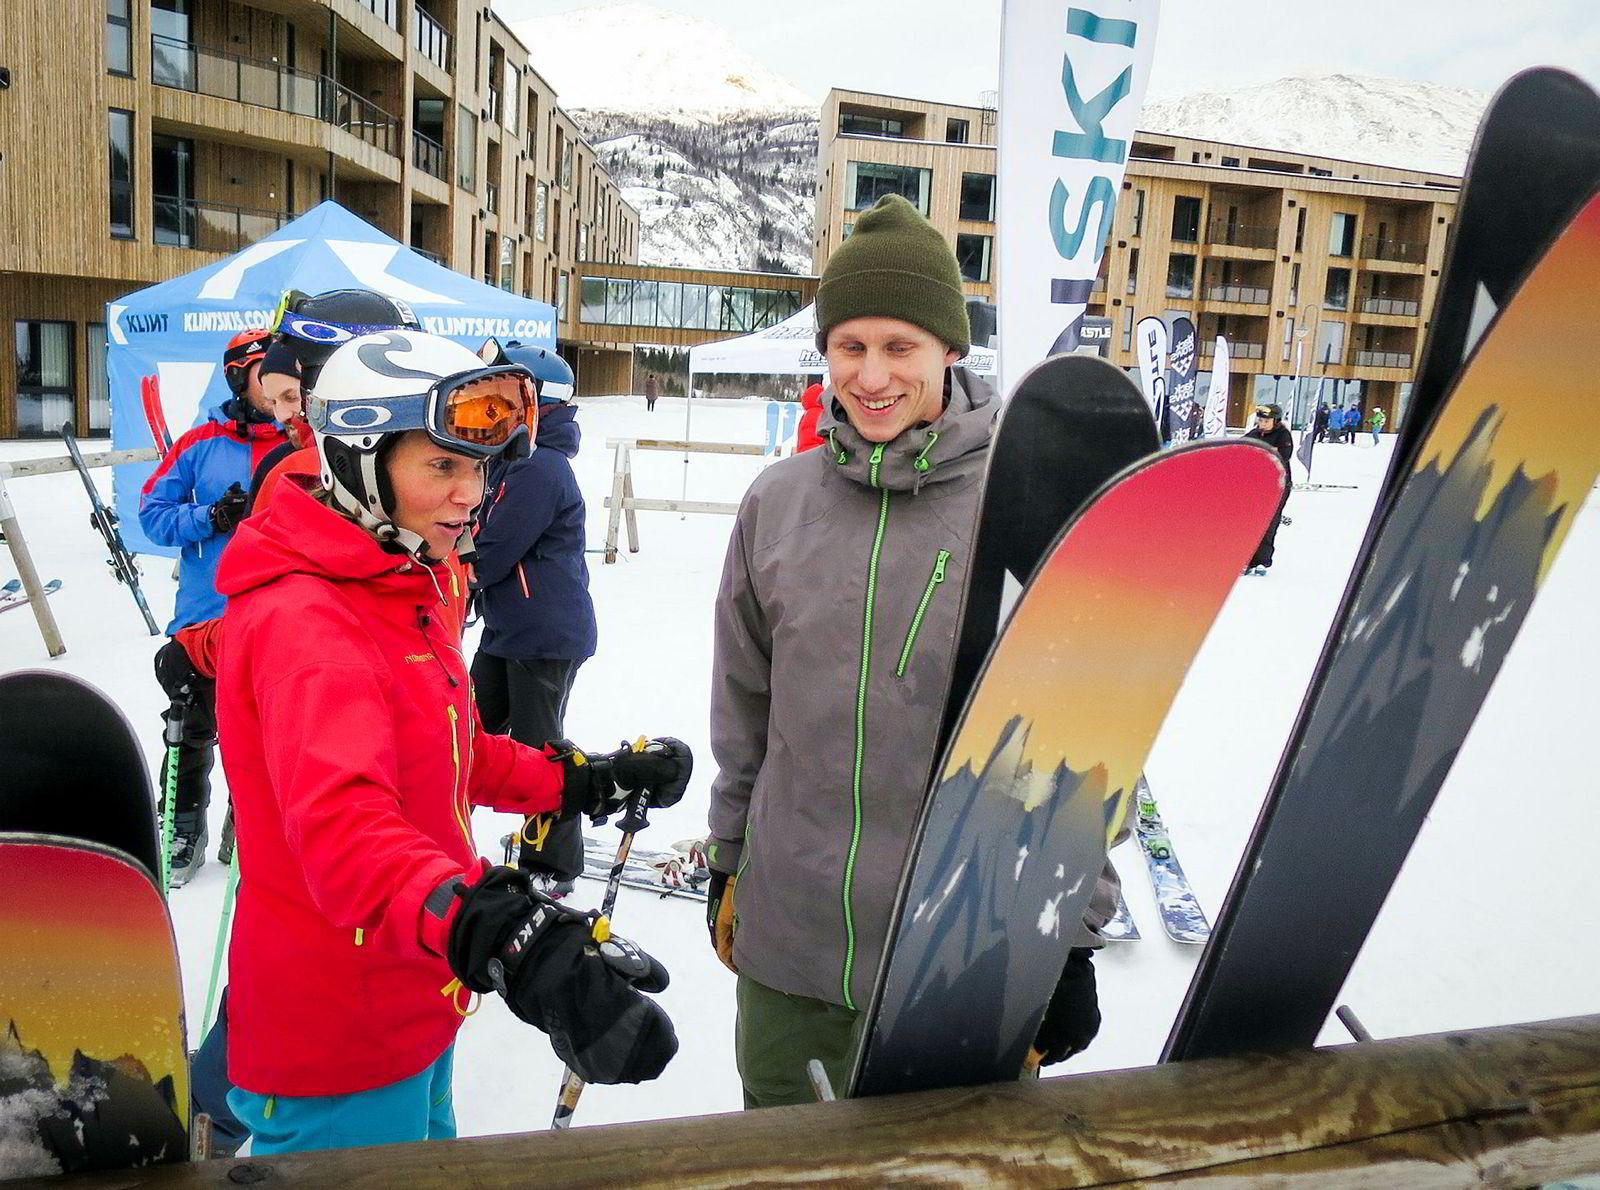 Svenske Ida Hellmark var svært entusiastisk overfor Erling Grøstad, daglig leder i SGN Skis, da hun leverte tilbake skiene hun hadde prøvd under den årlige skitesthelgen i Hemsedal i starten av desember.